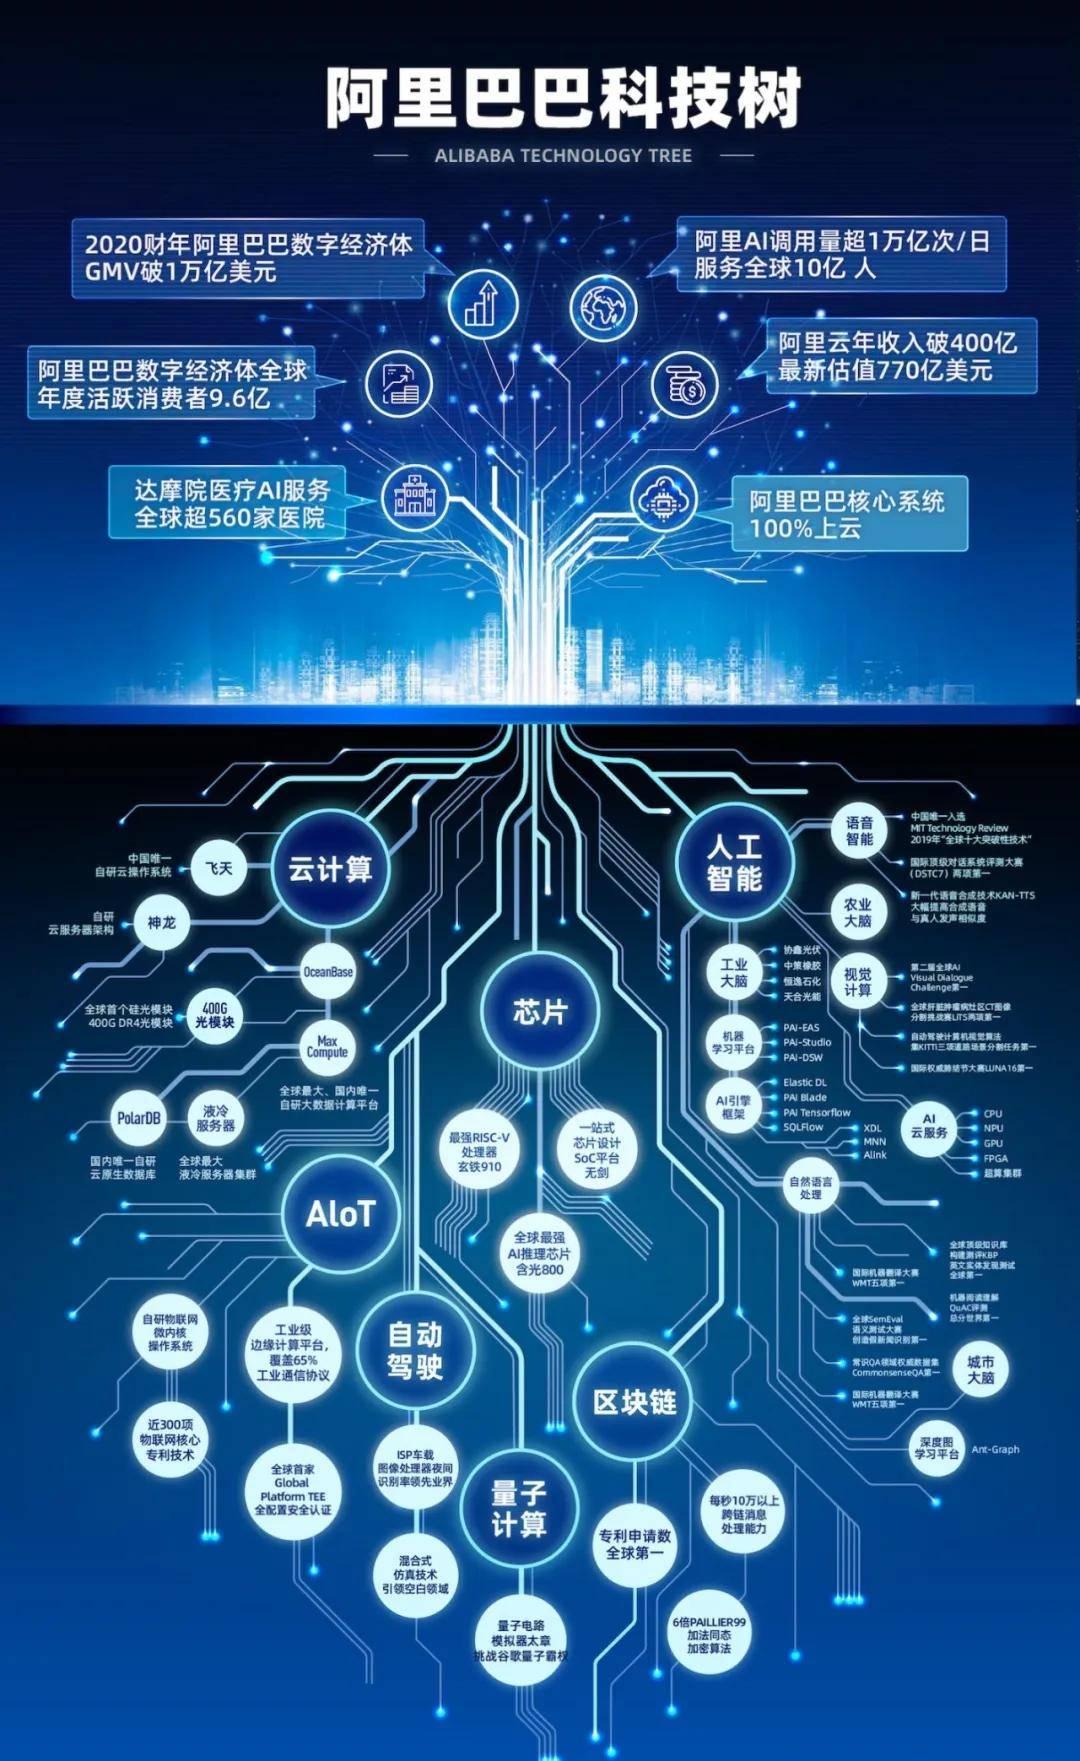 原创             阿里万亿美元GMV背后:战略定力加科技实力